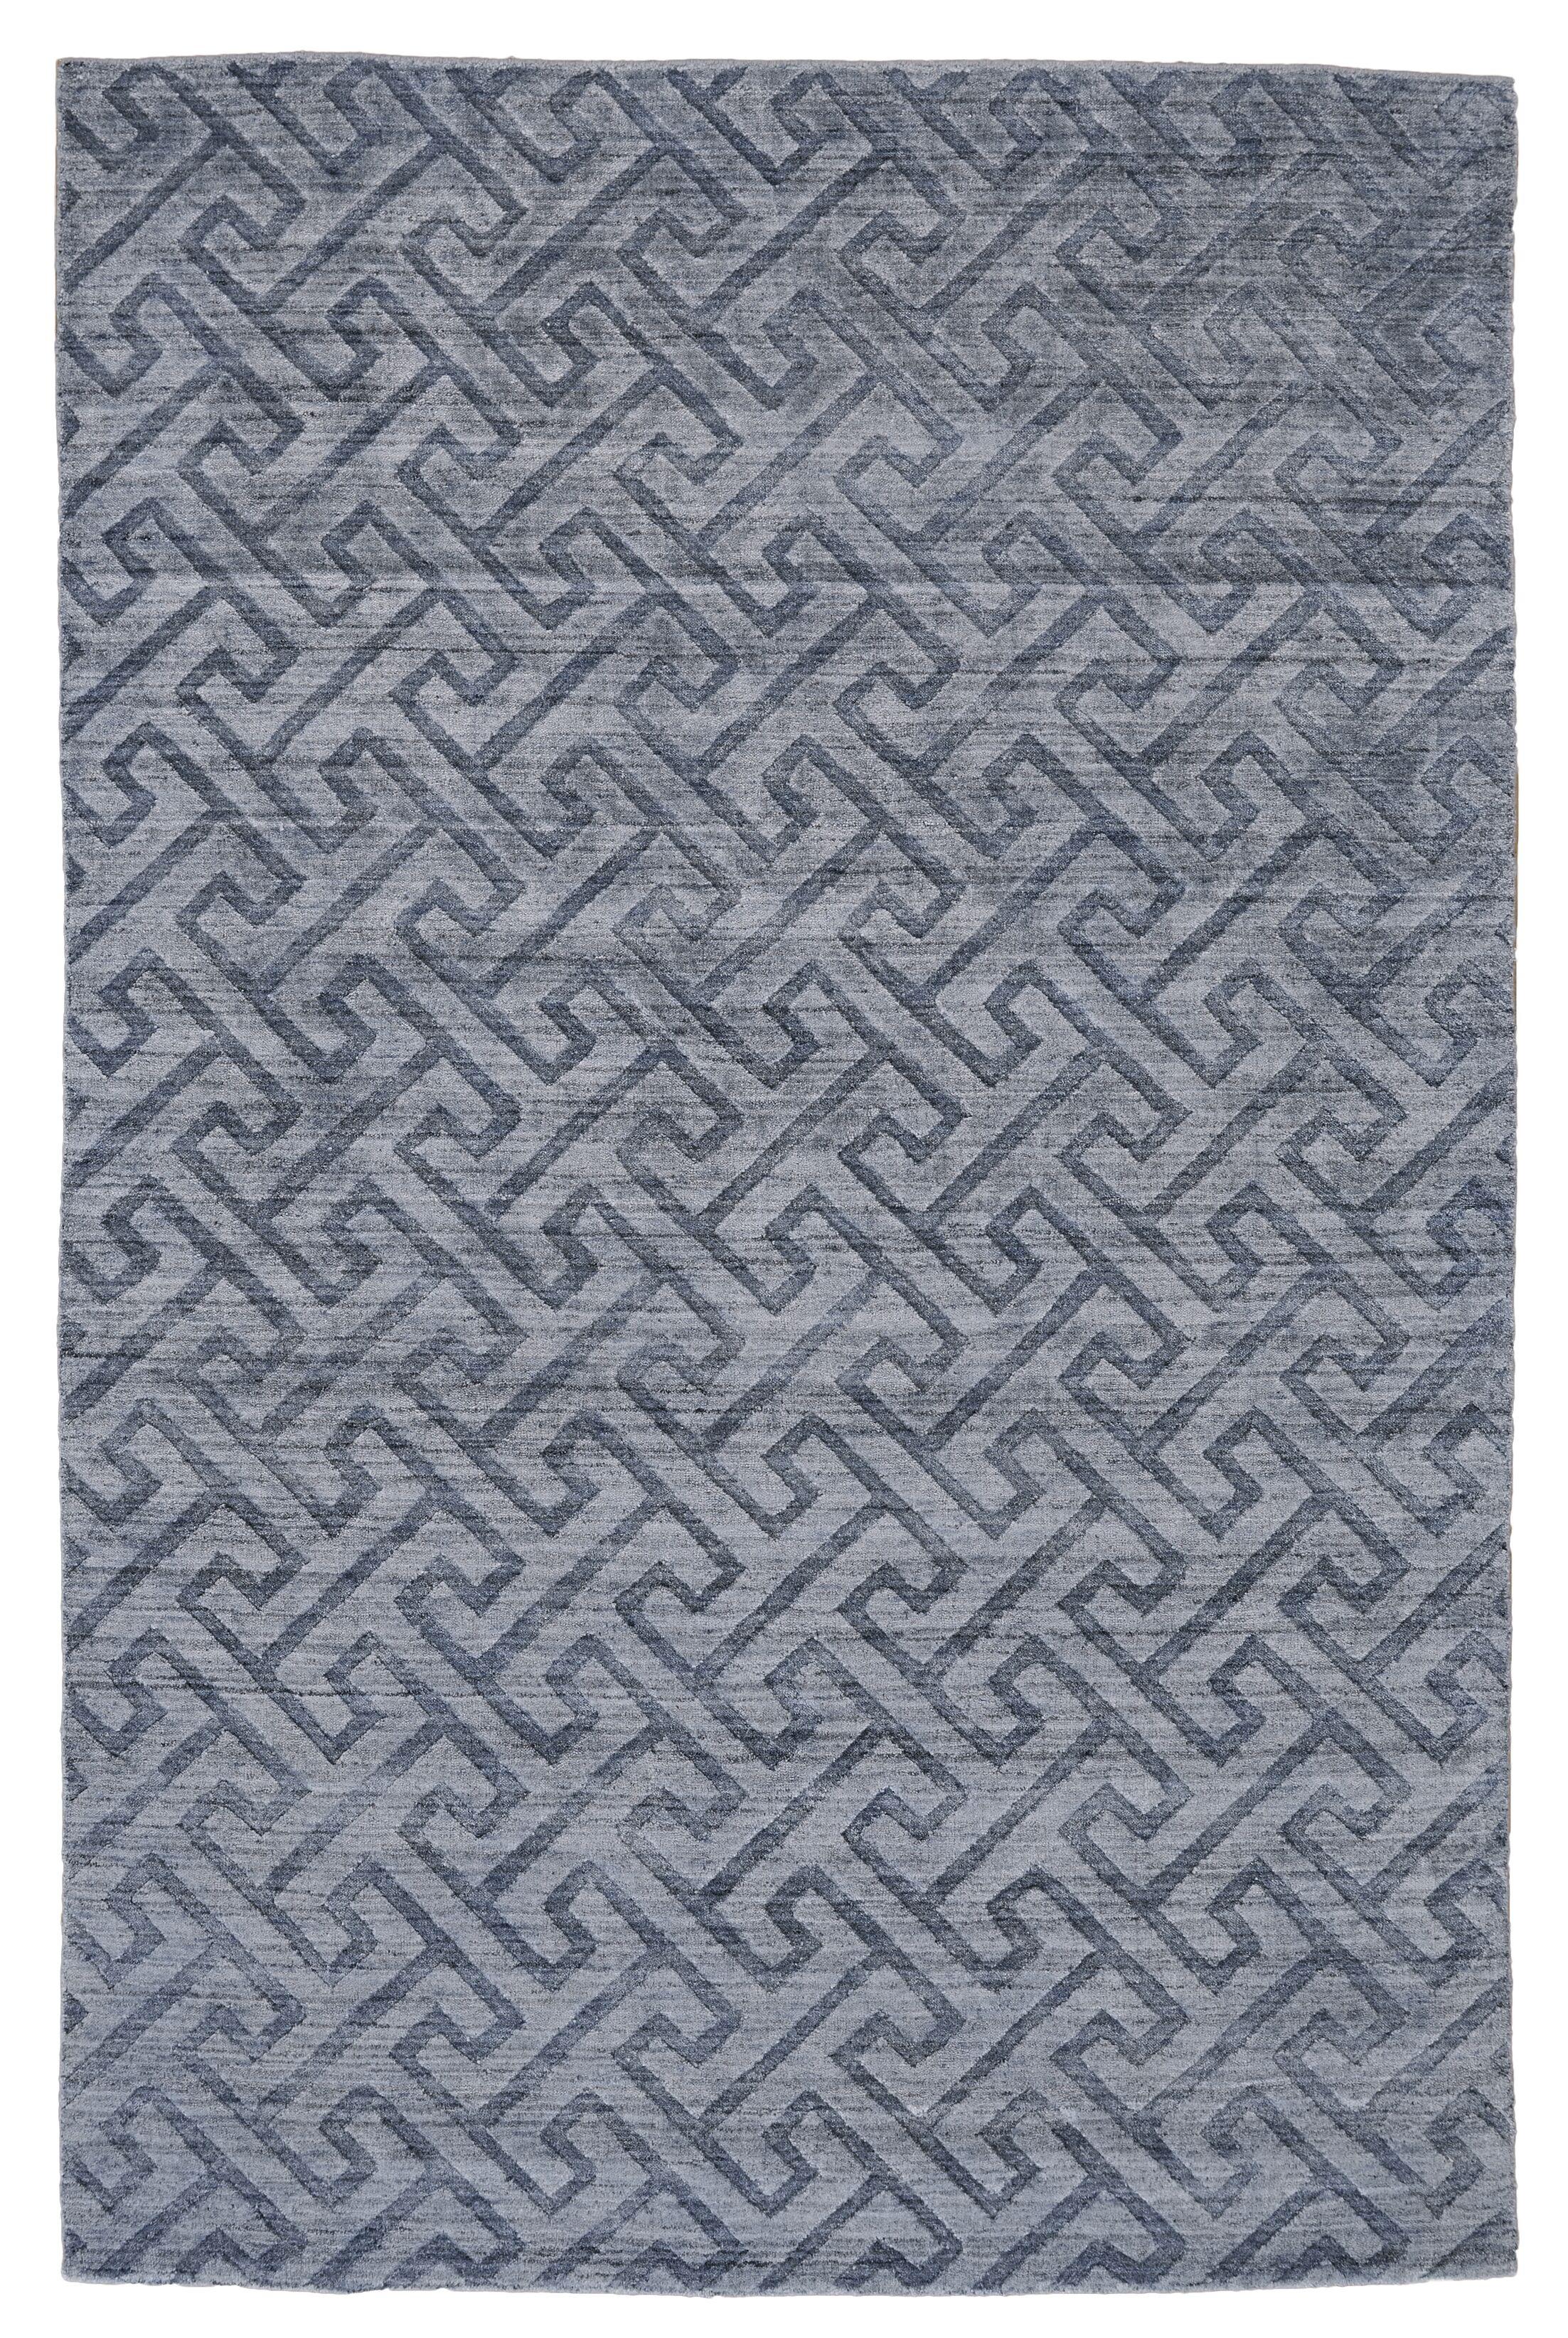 Halpern Hand-Tufted Blue Area Rug Rug Size: Rectangle 4' x 6'